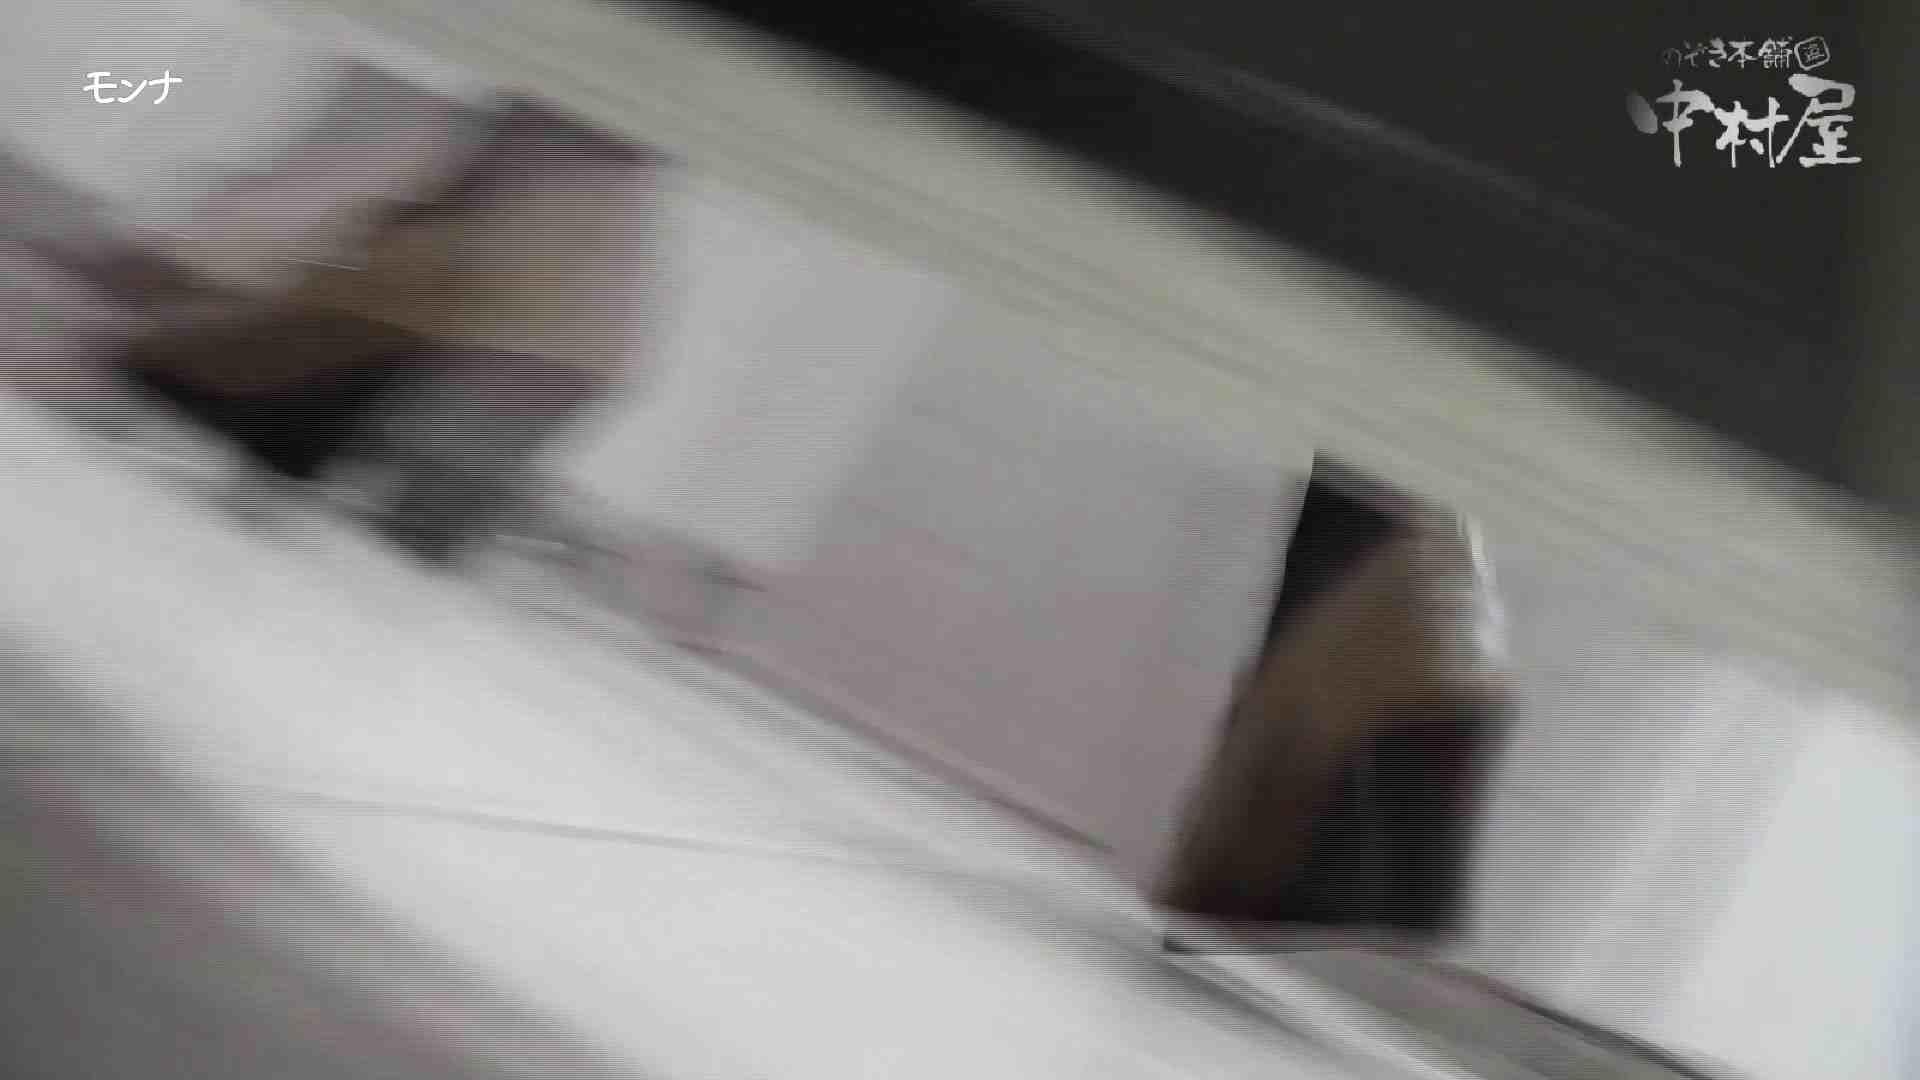 【美しい日本の未来】美しい日本の未来 No.45 無修正マンコ 隠し撮りオマンコ動画紹介 74連発 27